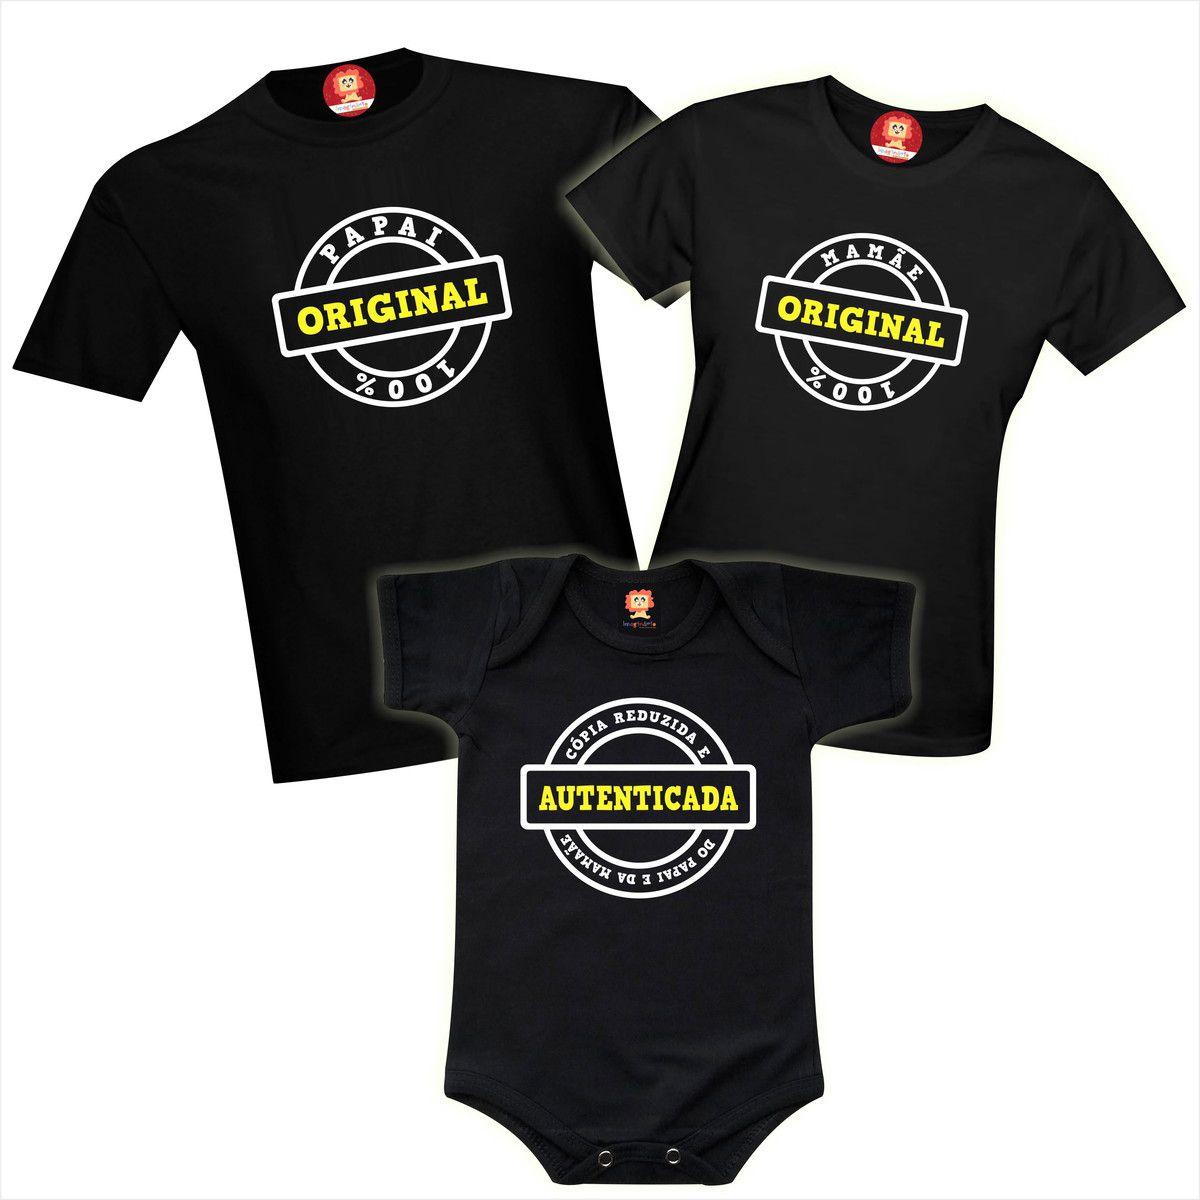 Camisetas e Roupinha de Bebê Original e Cópia do Papai e da Mamãe Família